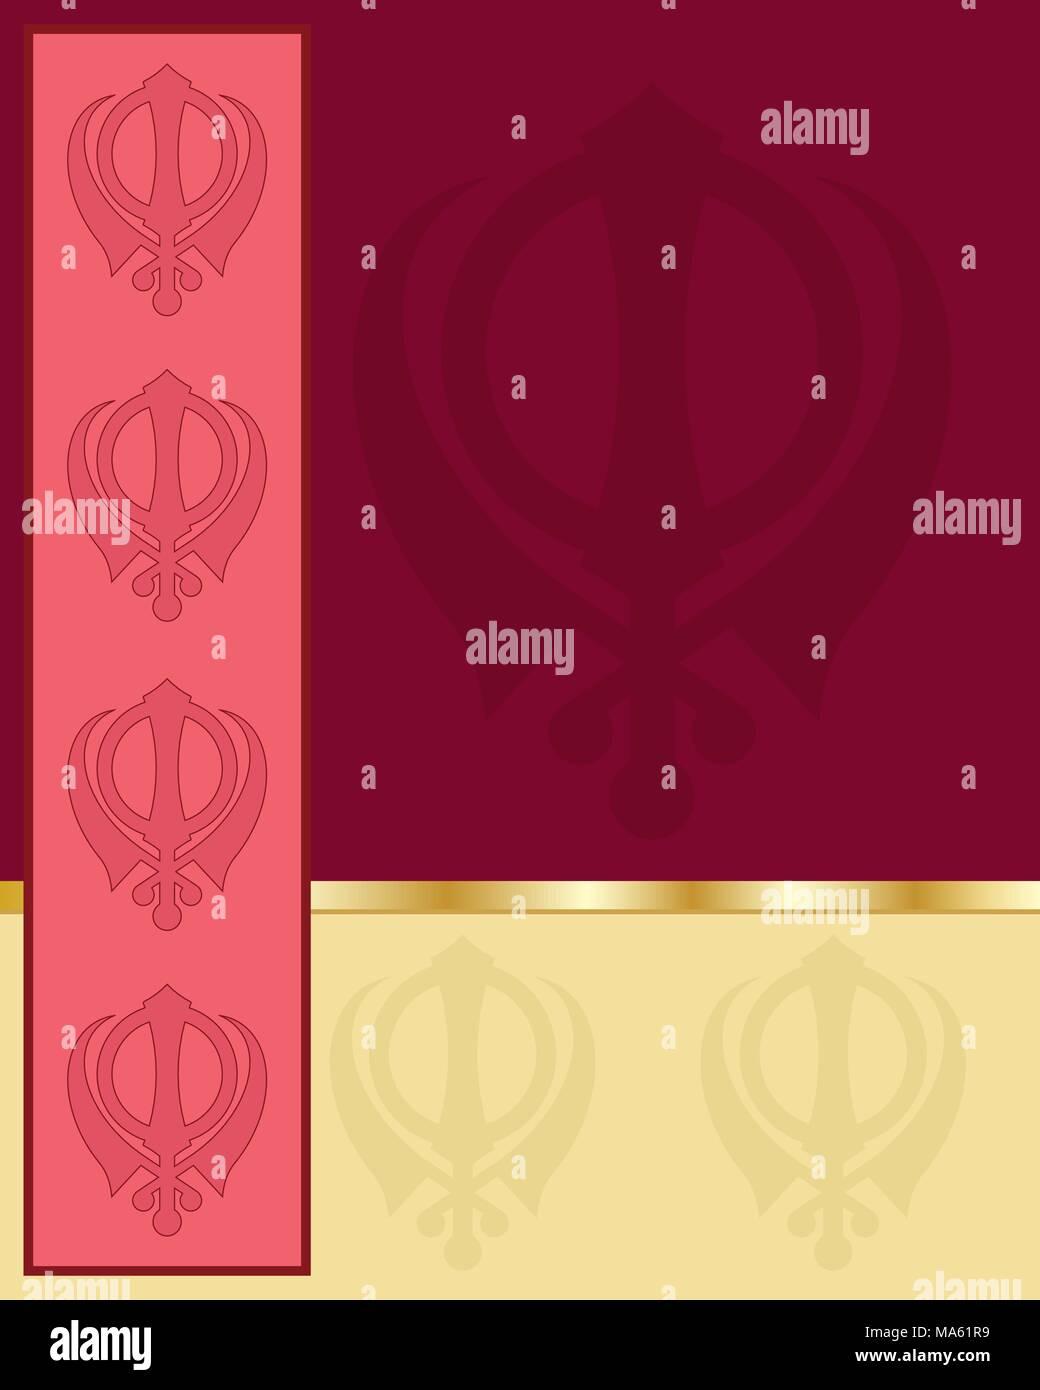 Una illustrazione vettoriale in formato eps formato 10 di un Punjabi stile Biglietto di auguri con blocchi di colore che mostra il simbolo Sikh su un profondo sfondo rosso Immagini Stock